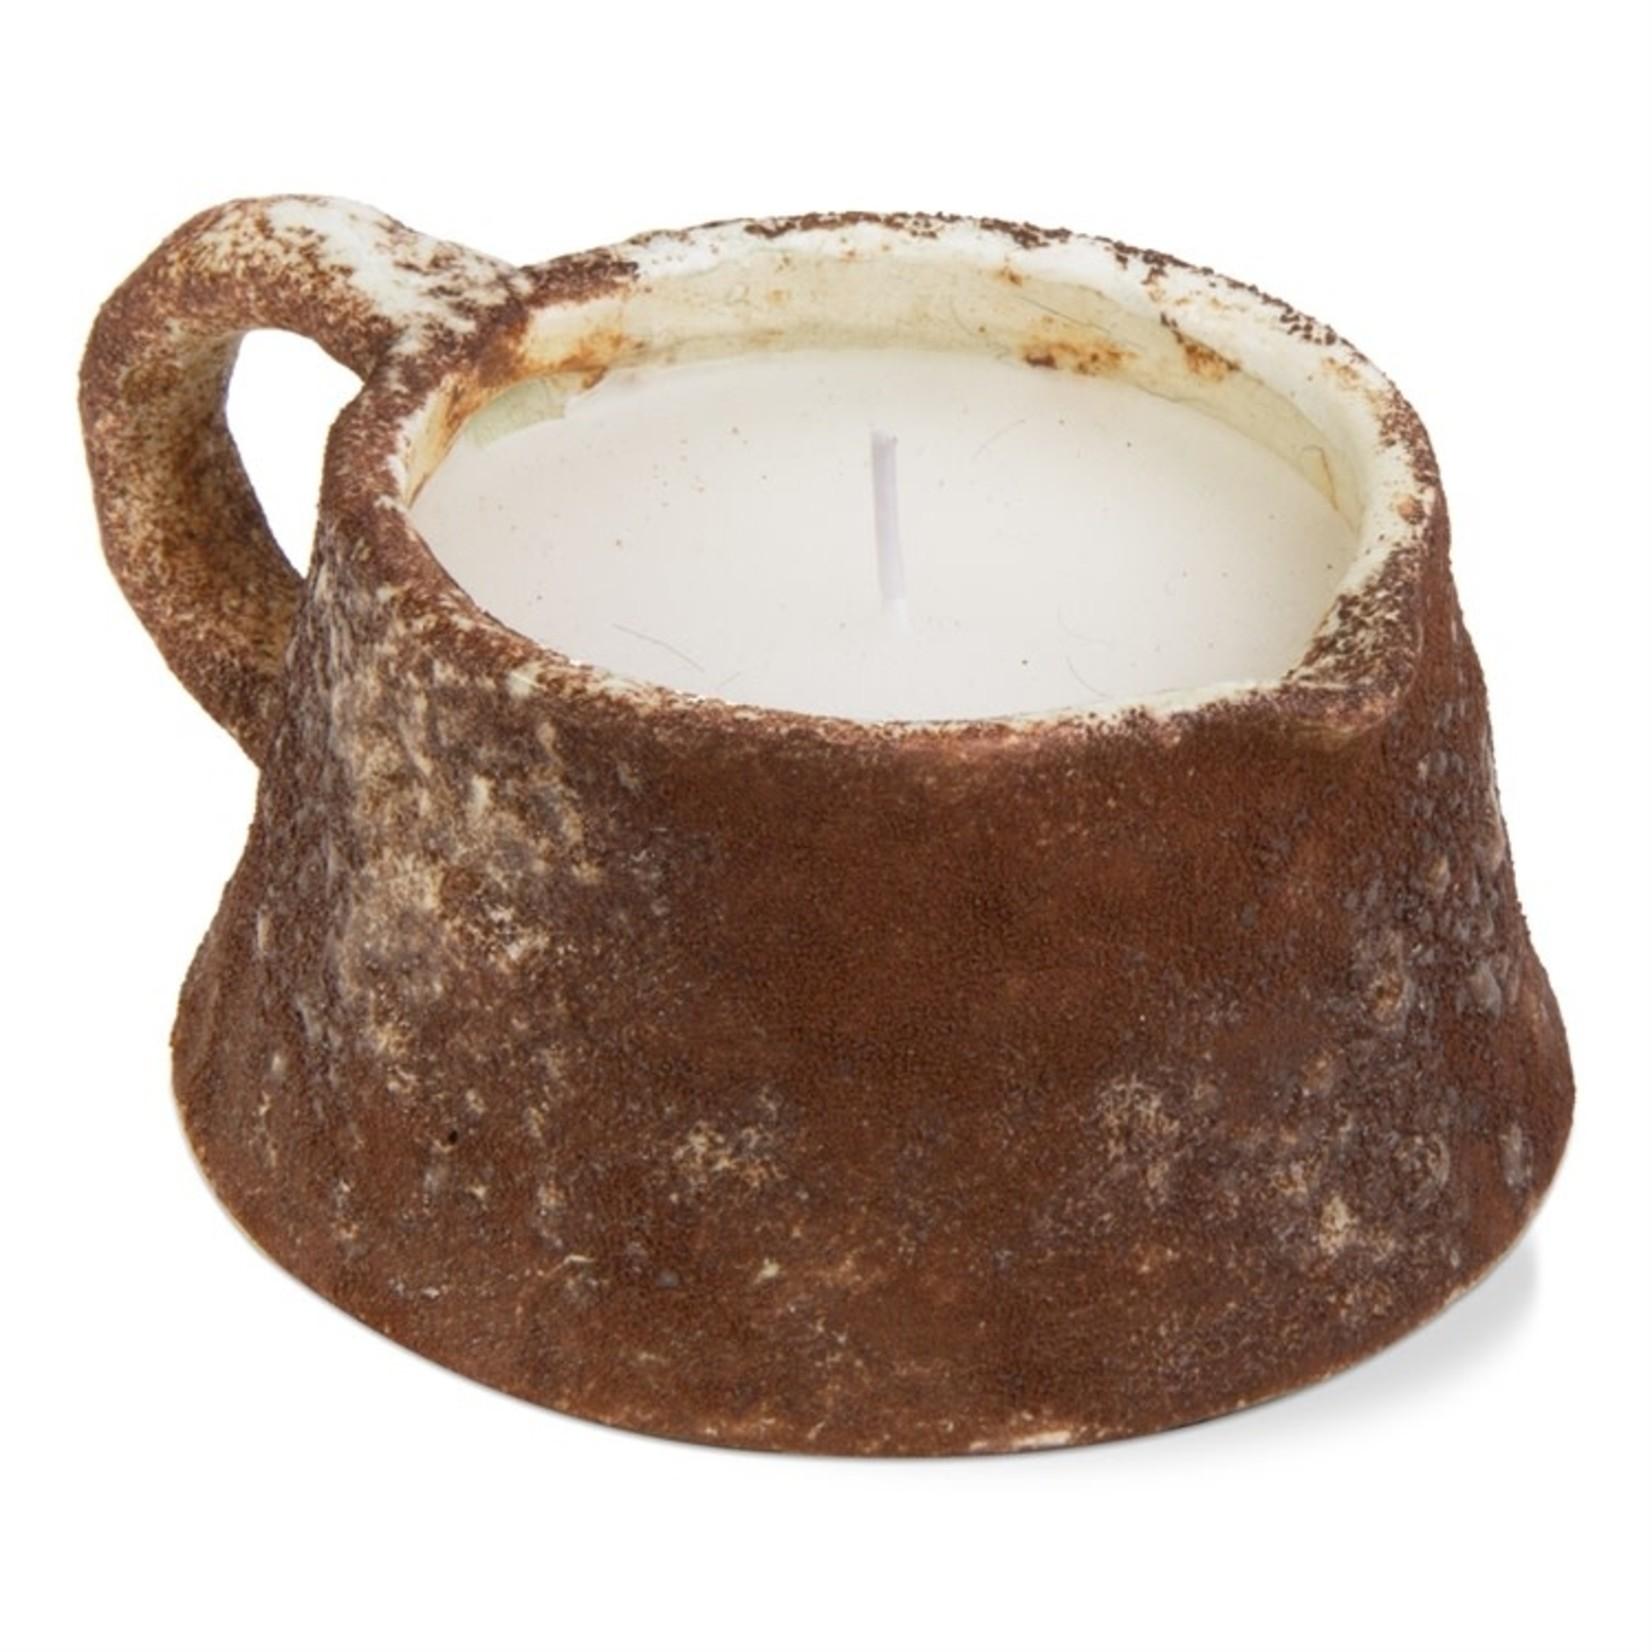 Rustic Cirto Pot Cinnamon